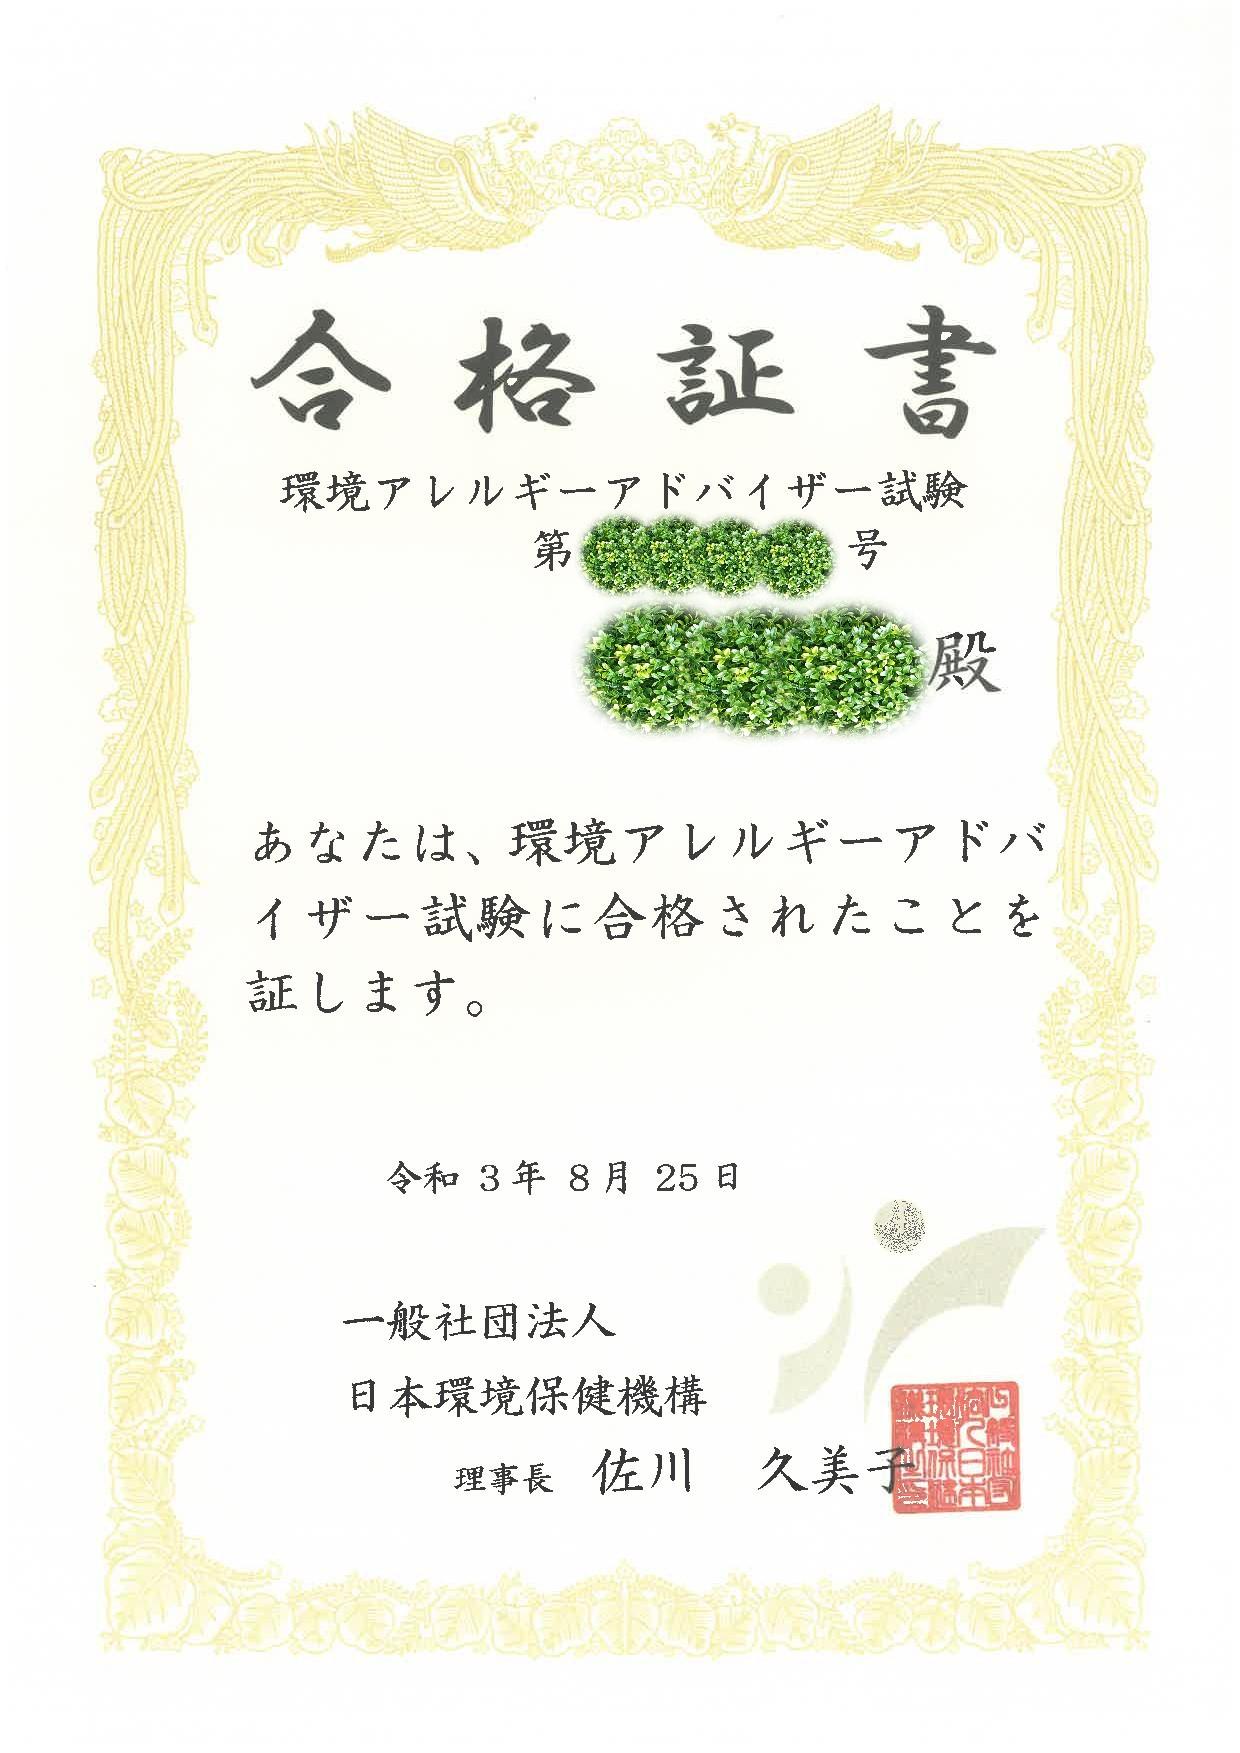 【資格試験合格情報】利用者さんが🍀環境アレルギ―アドバイザー🍀の資格を取得しました!